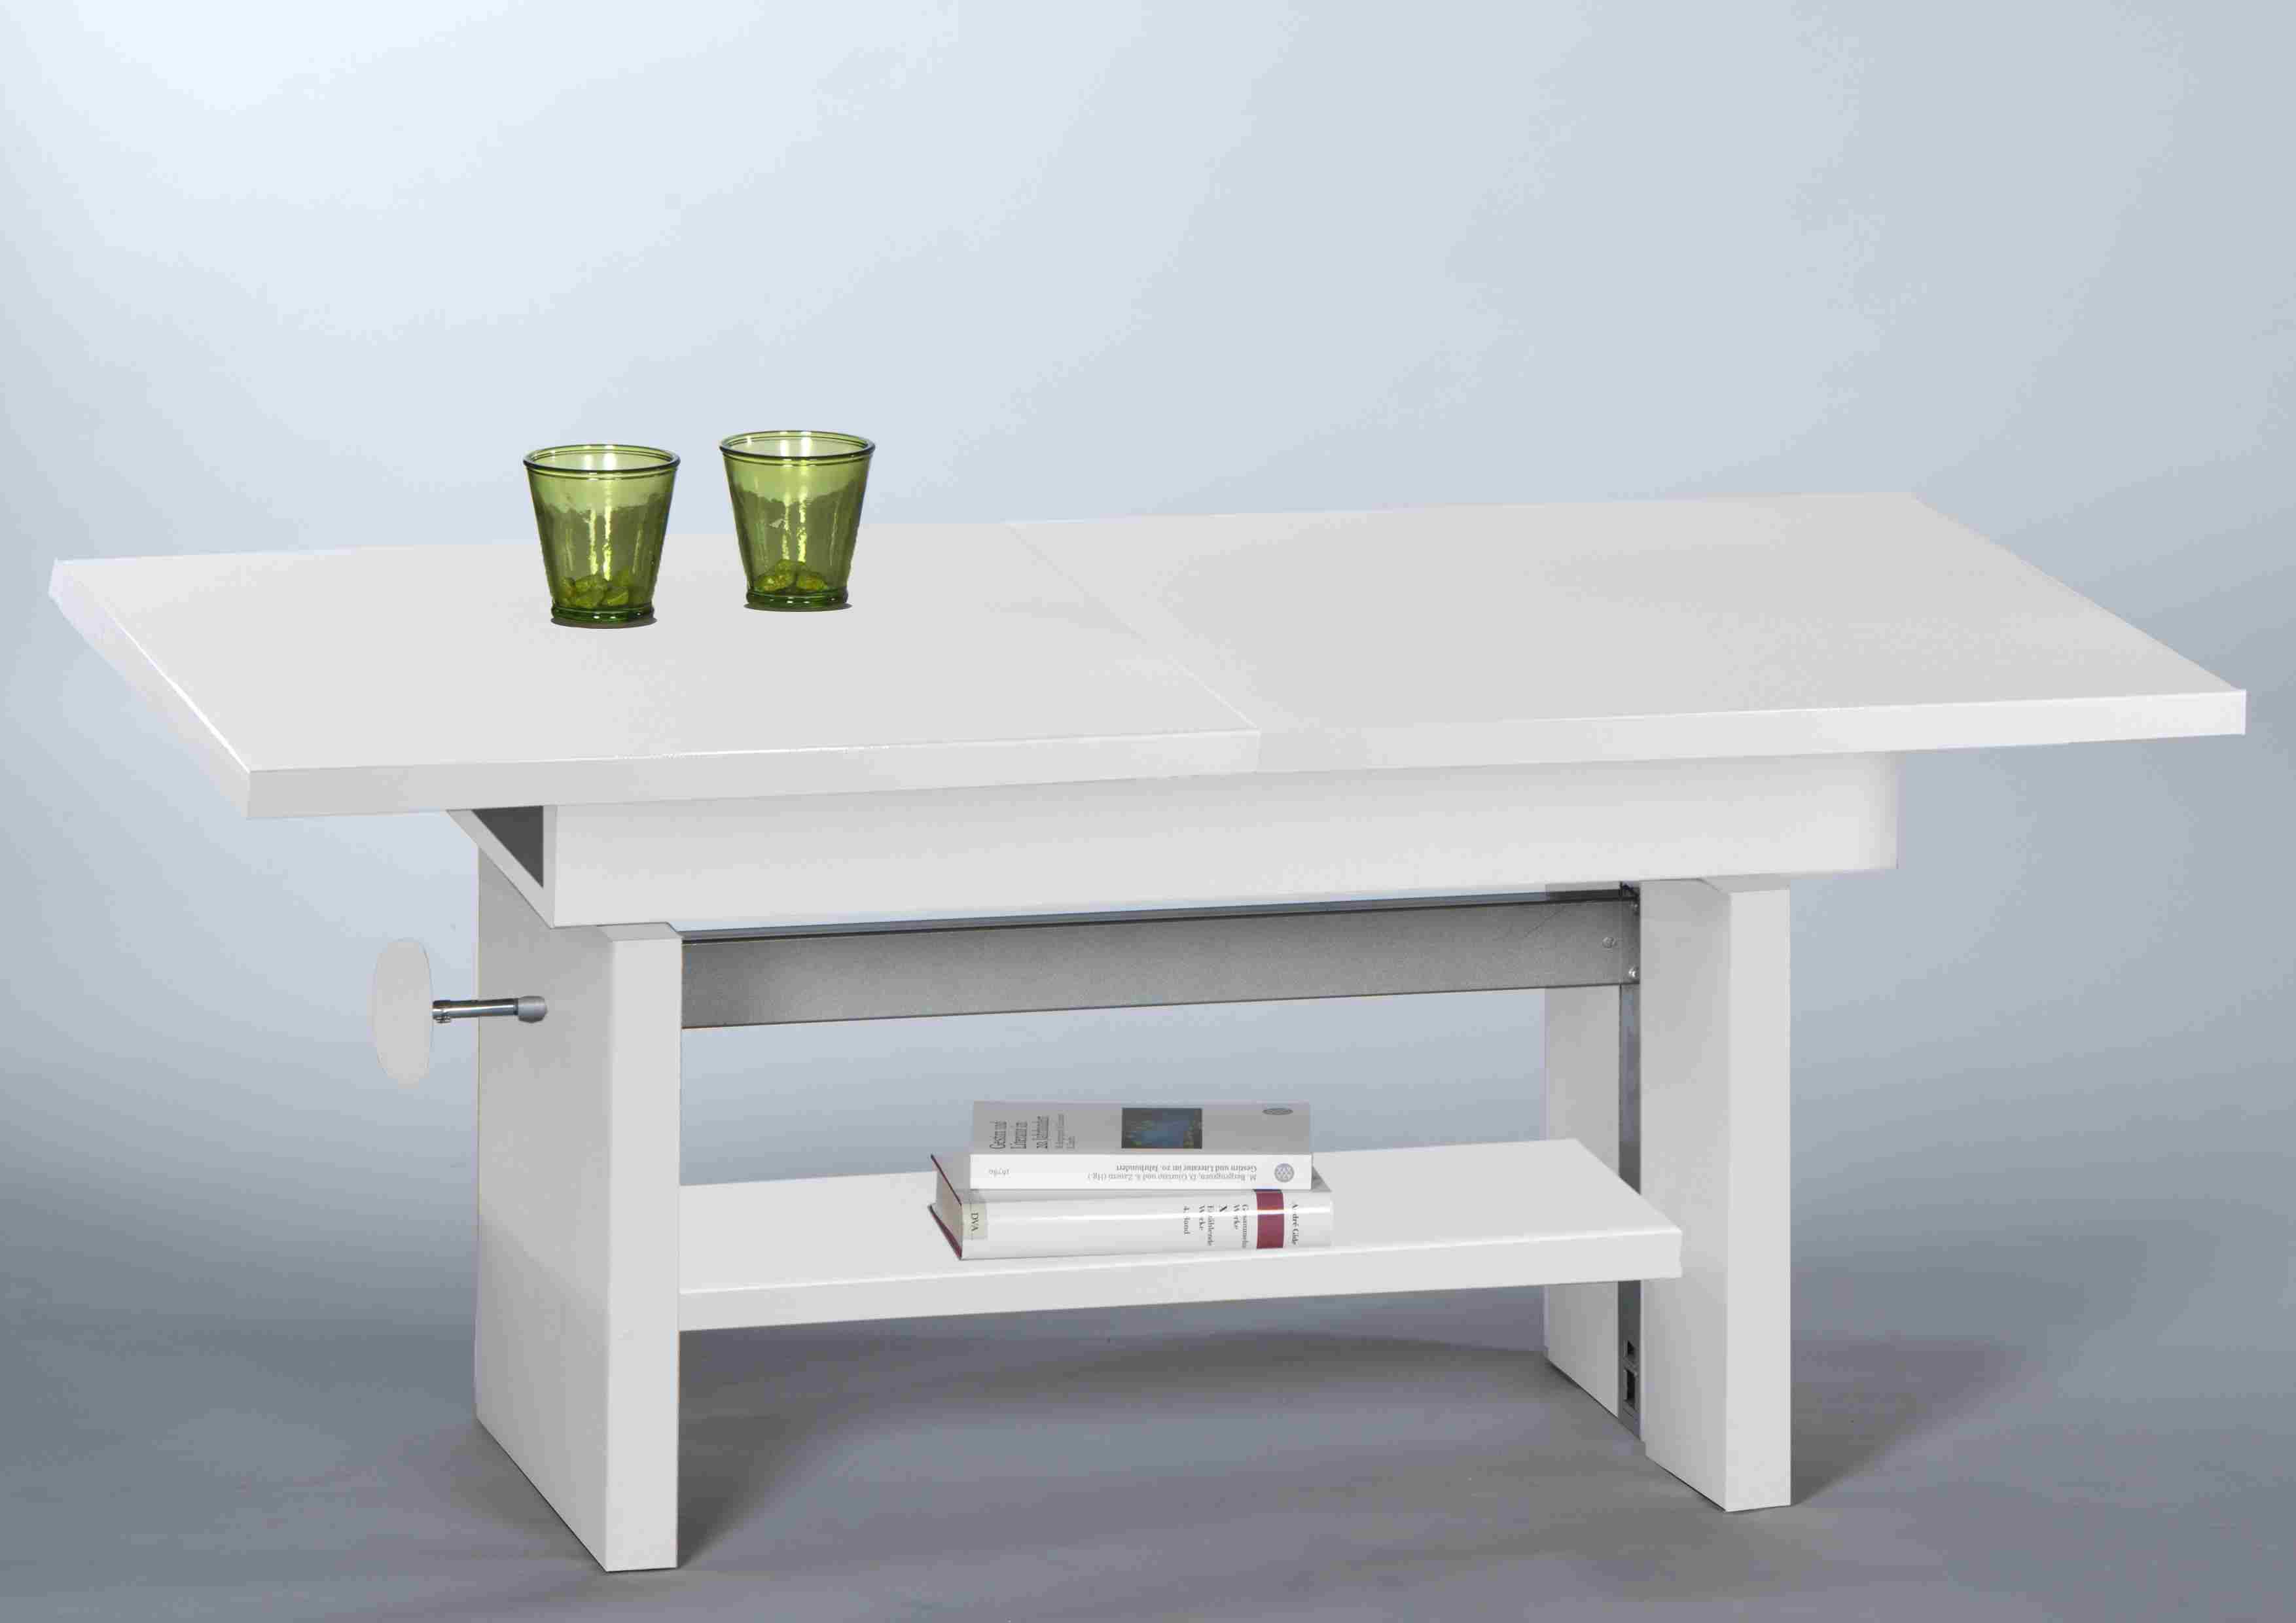 couchtisch event wohnzimmertisch beistelltisch tisch. Black Bedroom Furniture Sets. Home Design Ideas